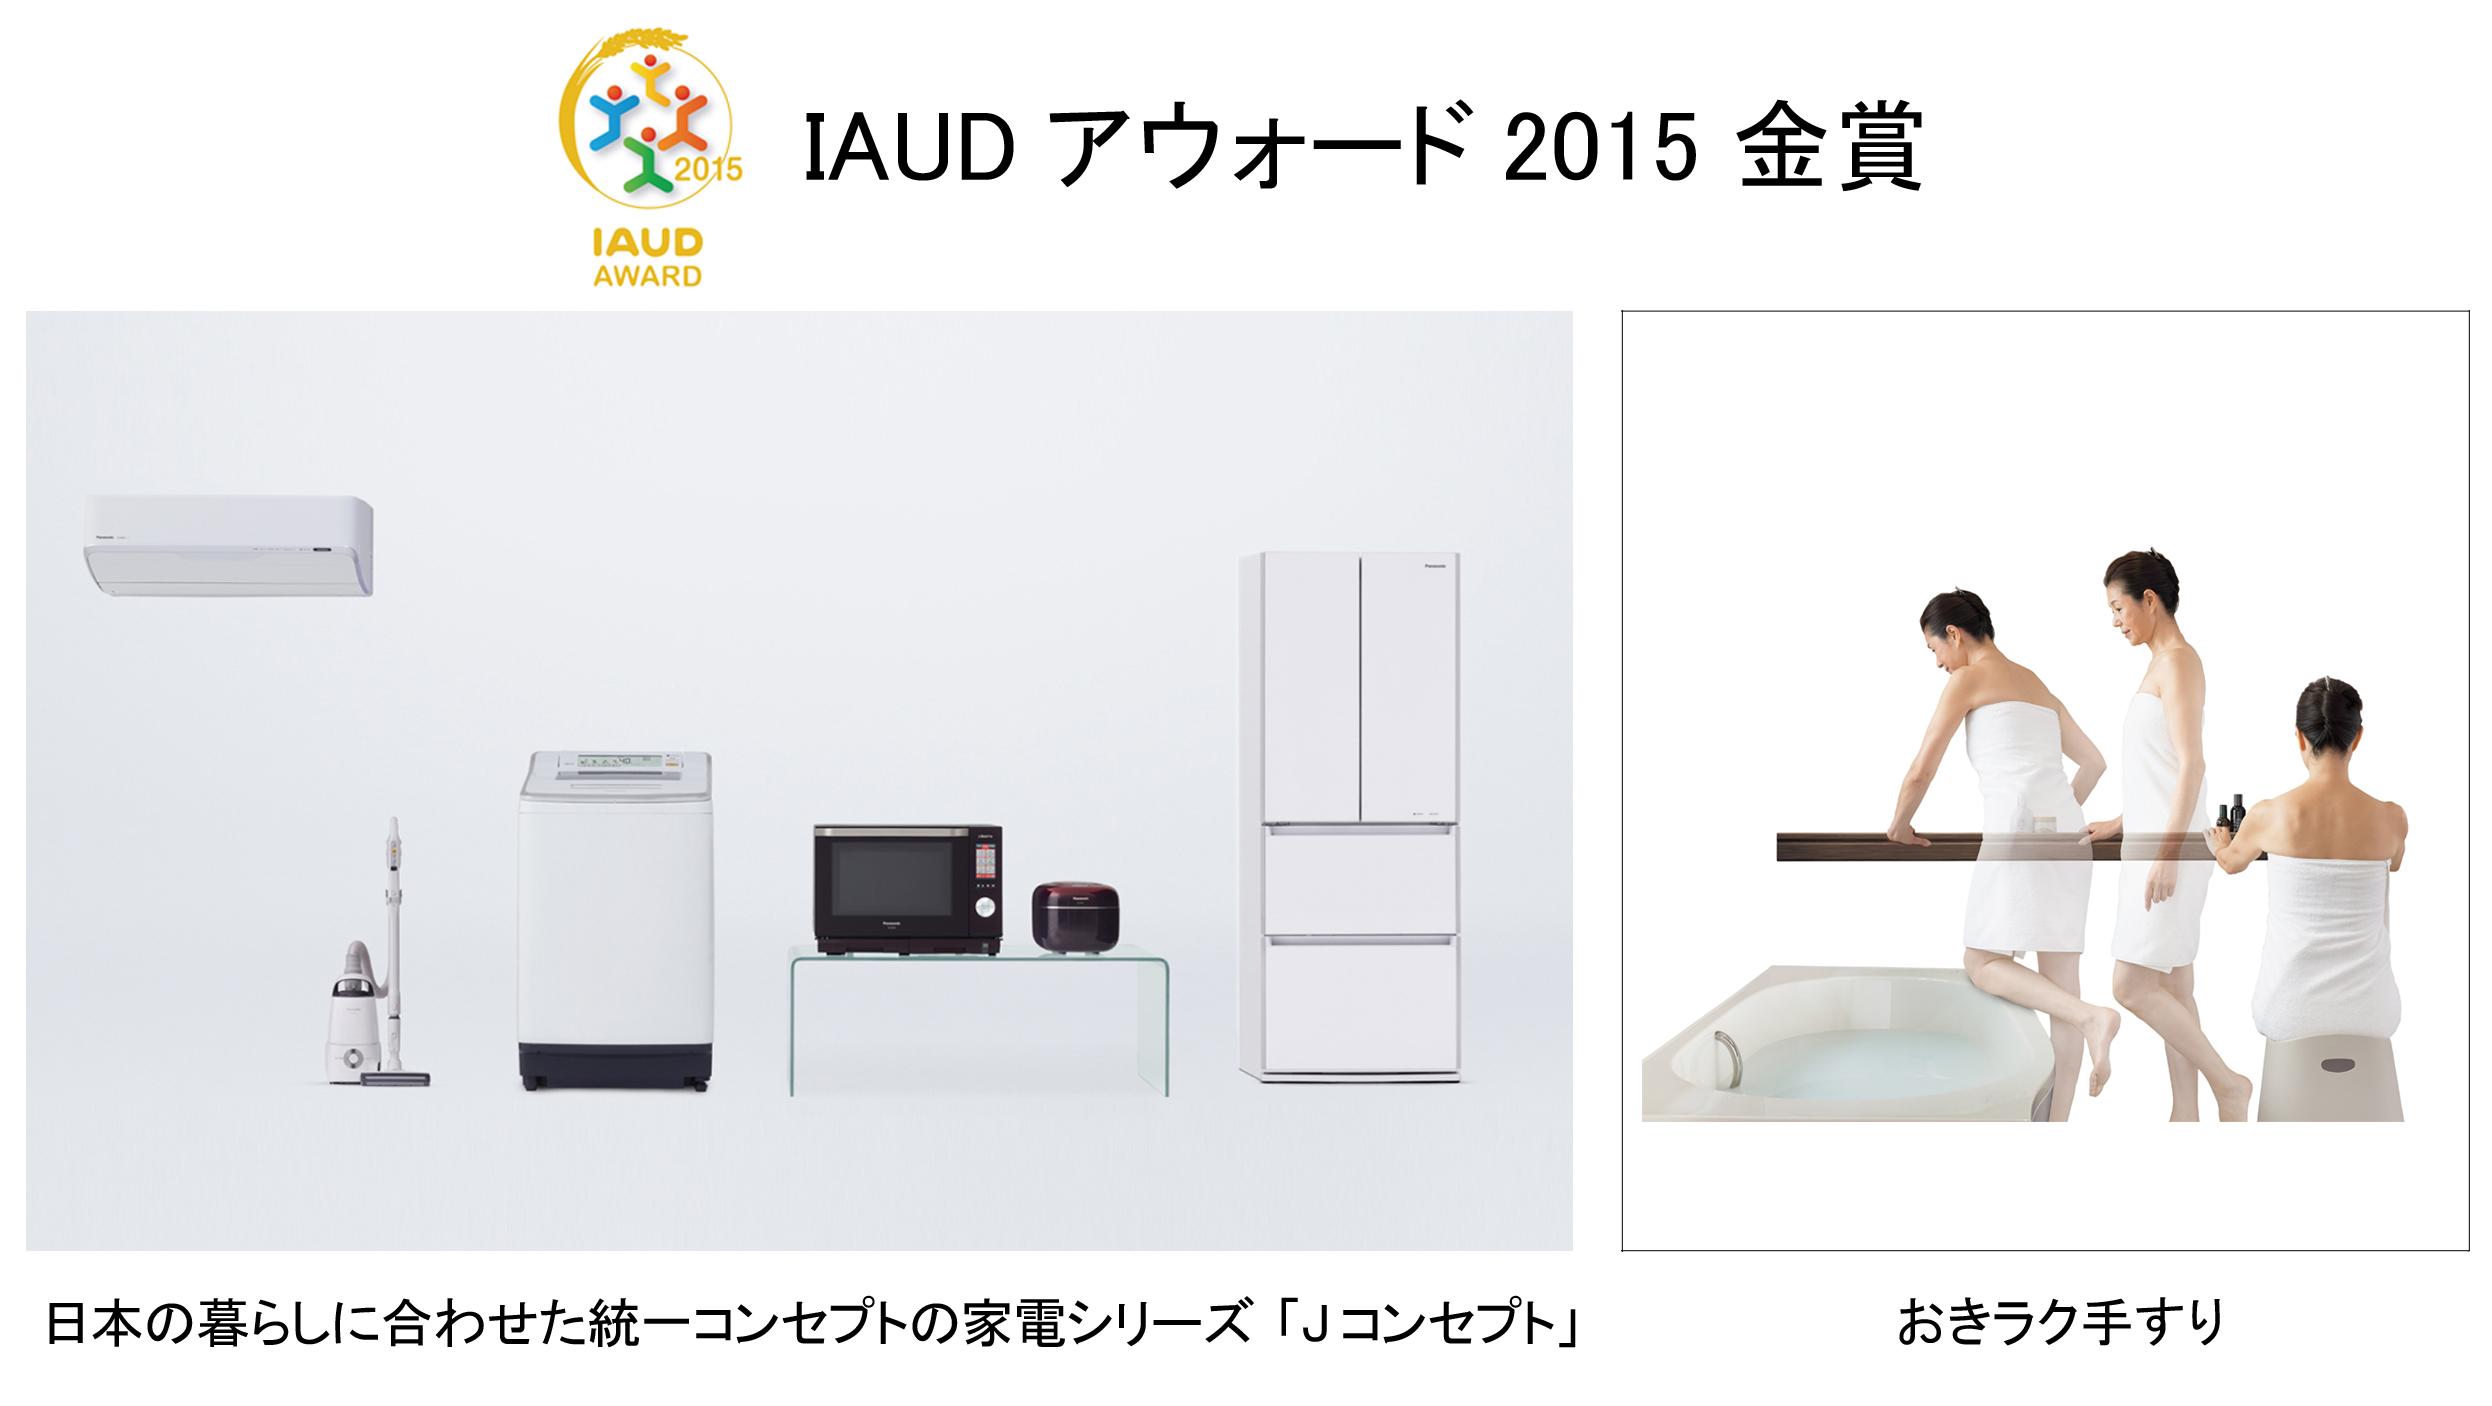 IAUDアウォード2015 金賞/「Jコンセプト」と「おきラク手すり」